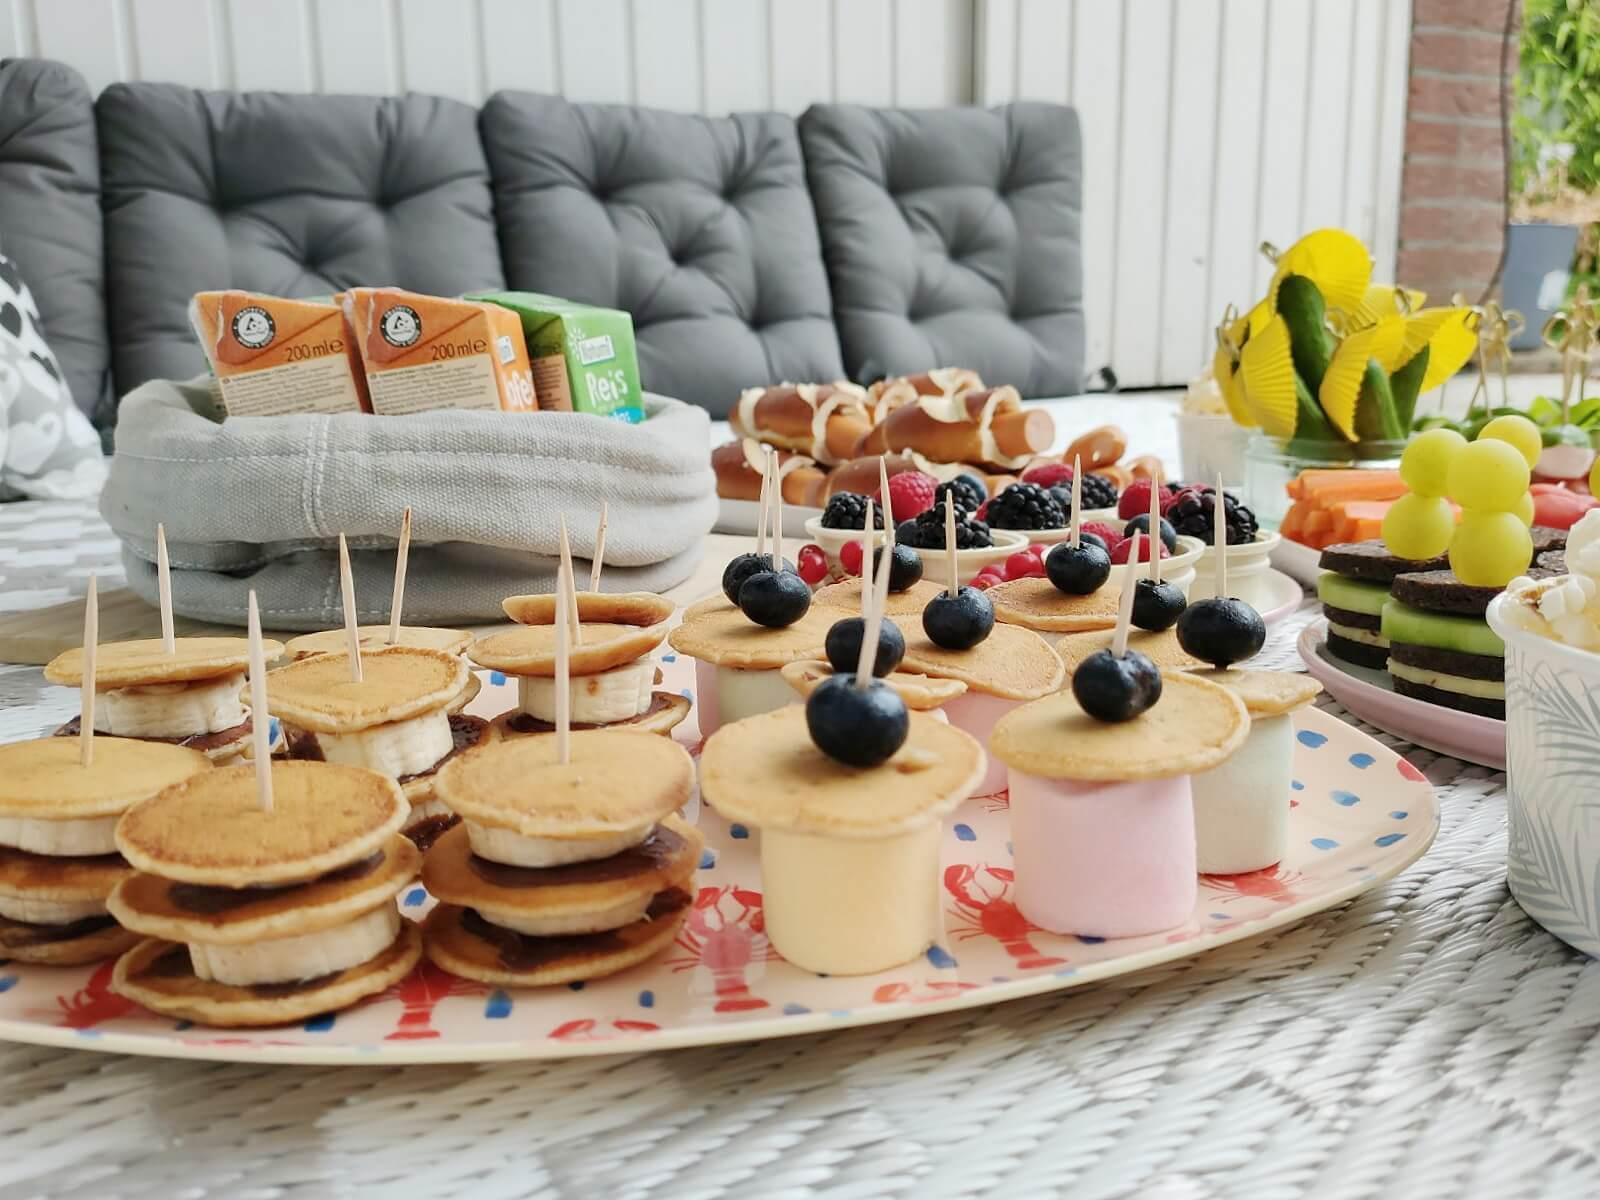 Unsere Zuhause-Picknick-Party Und 10 Schnelle Rezept Ideen über Schnelles Für Das Abendessen Beim Kindergeburtstag Rezepte